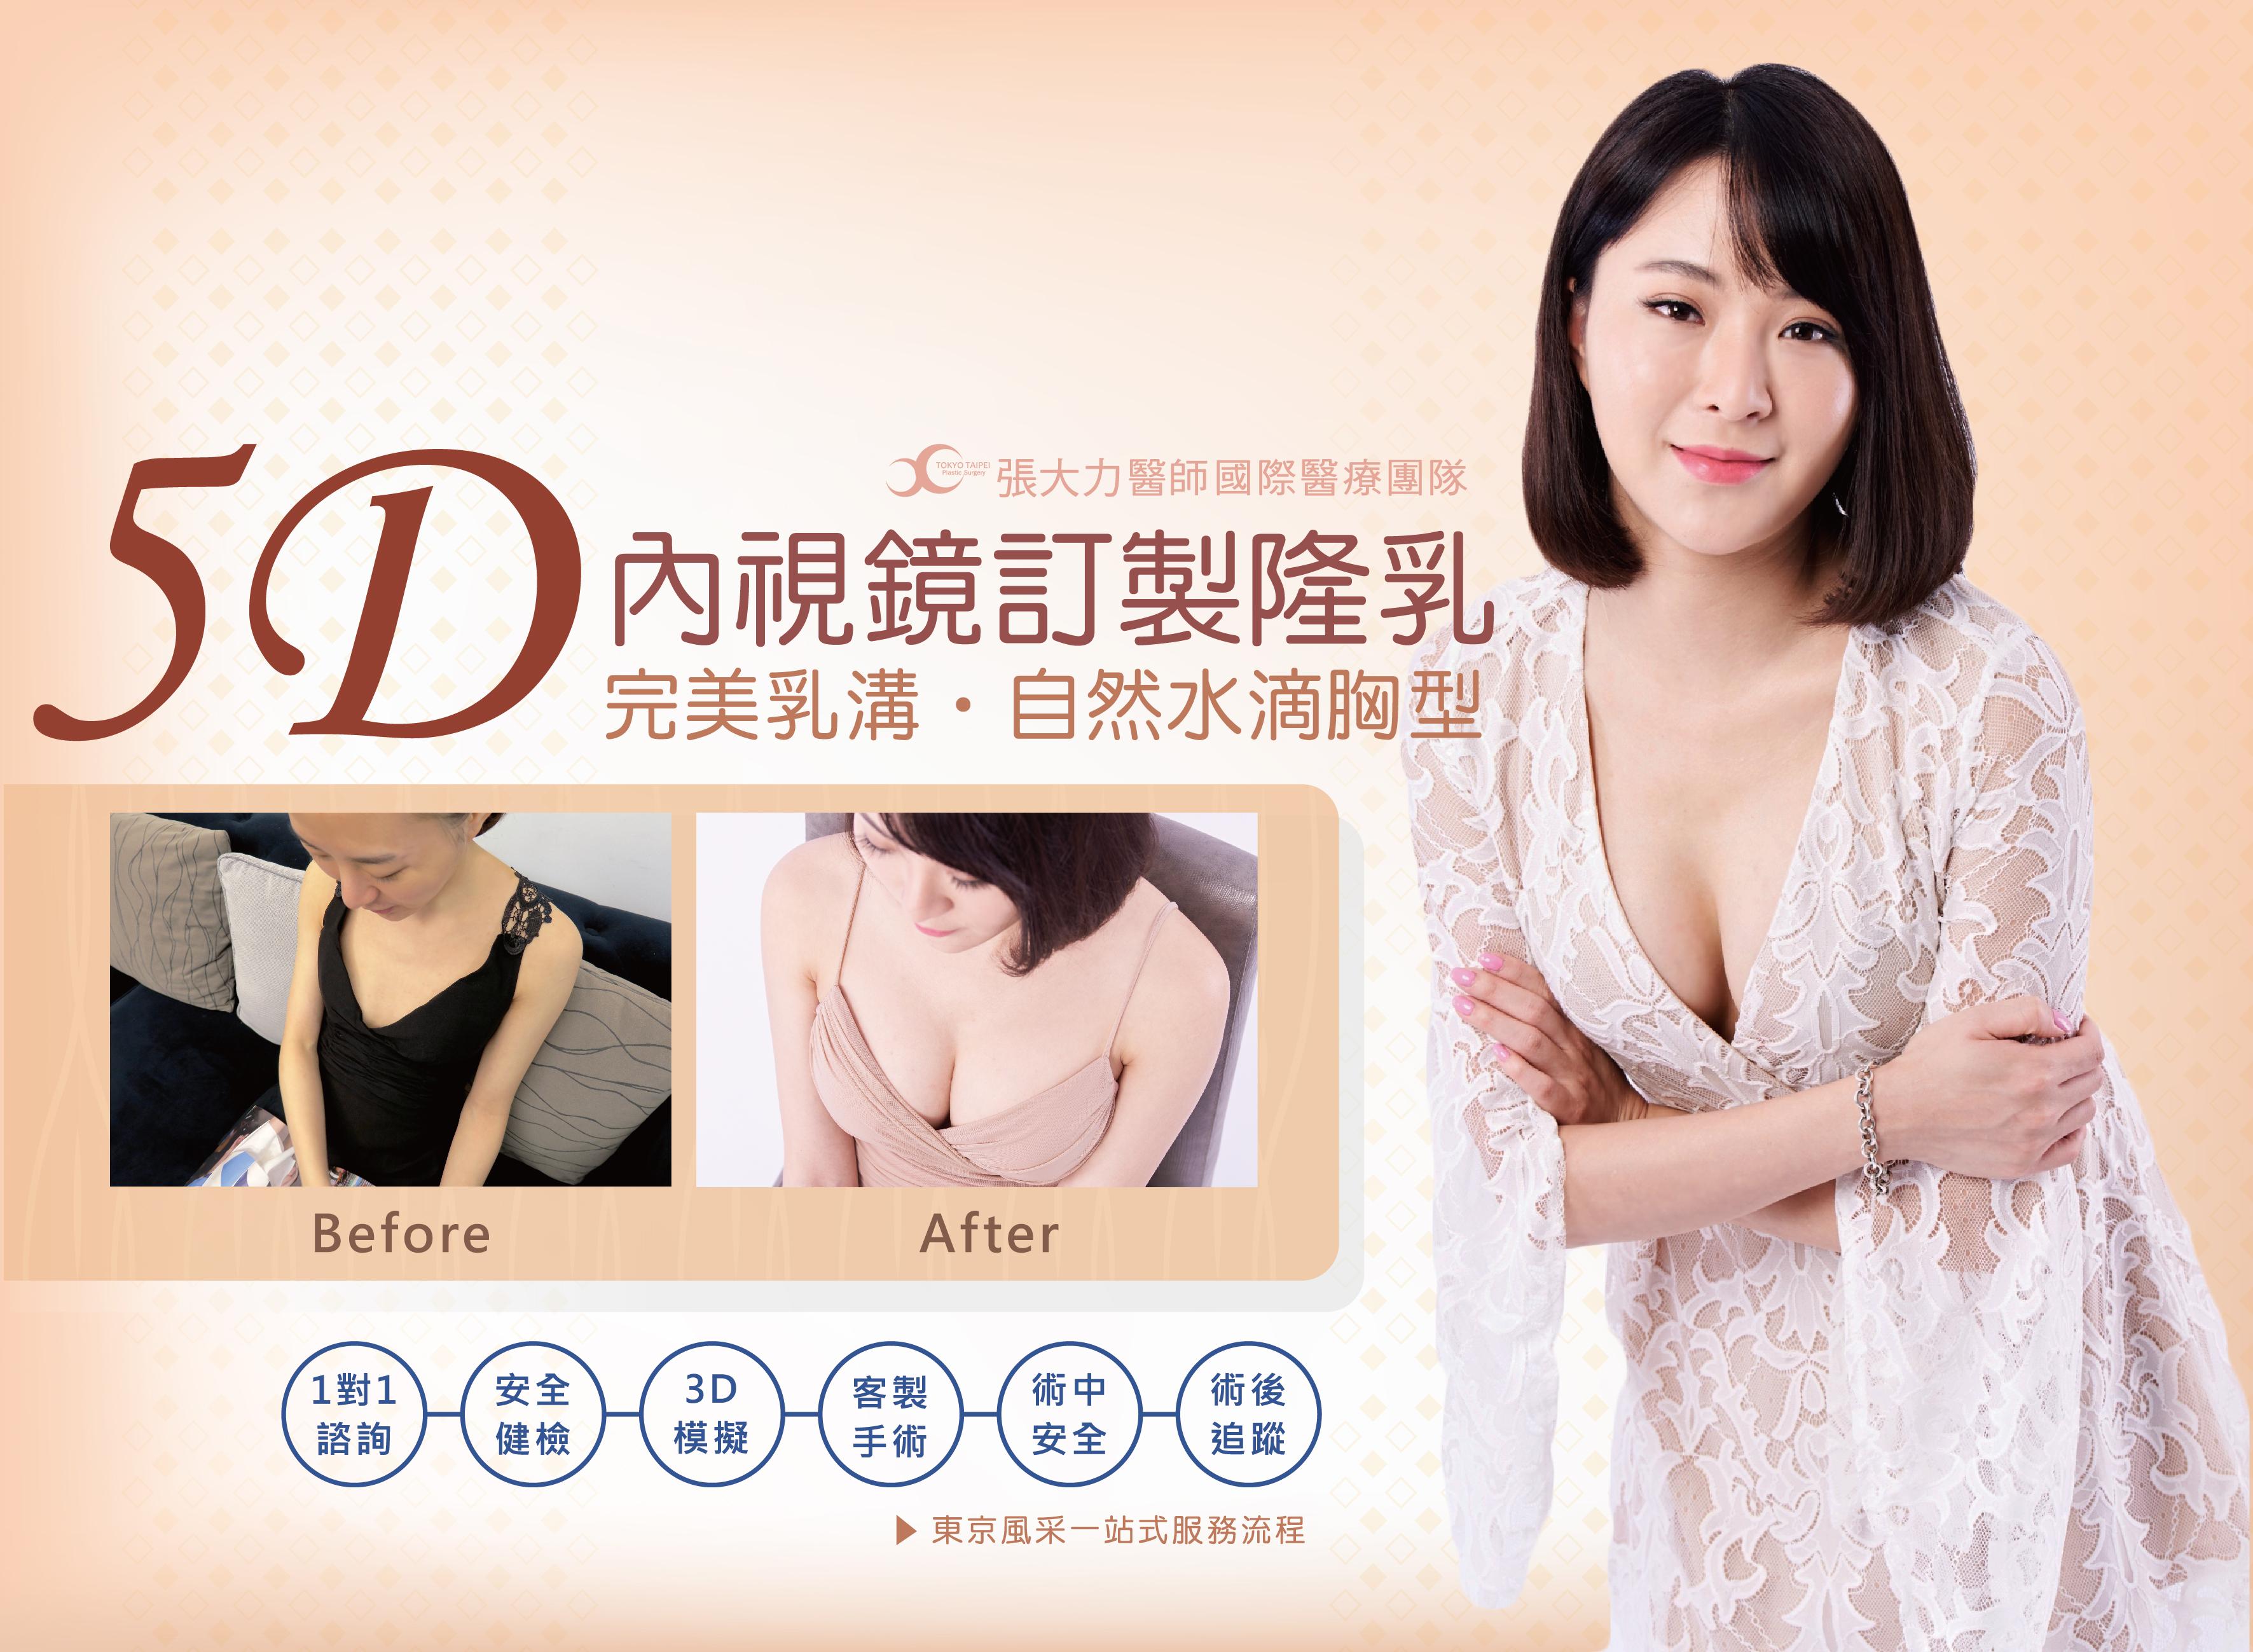 魔滴MOTIVE 5D安全隆乳